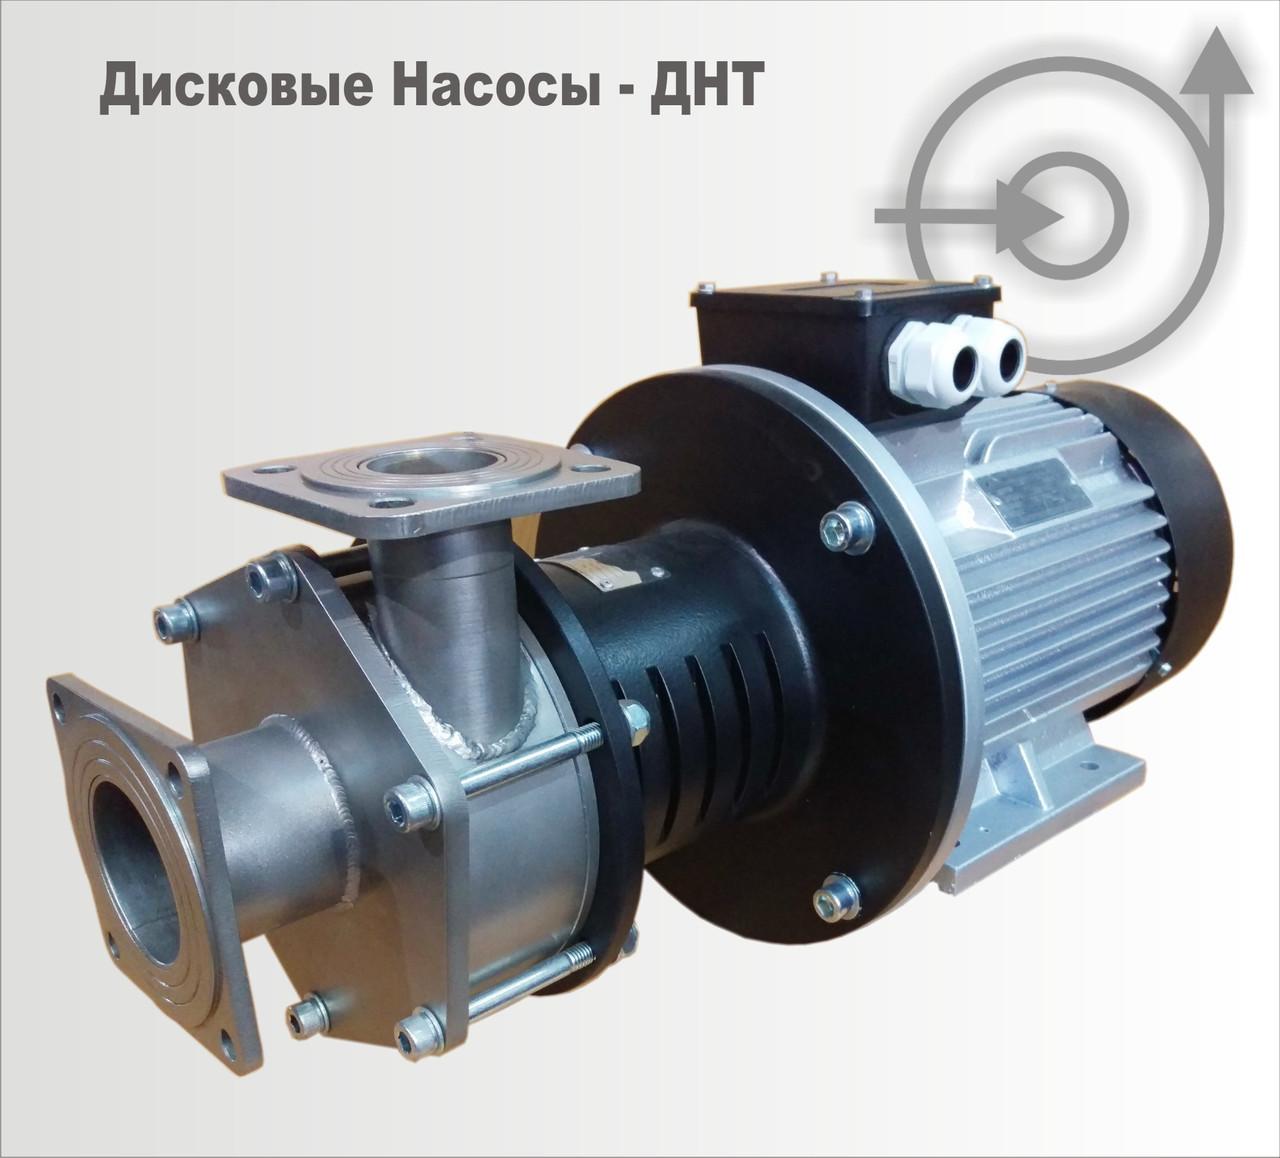 Дисковый насос ДНТ-М 170 30-15 ТУ нержавеющая сталь